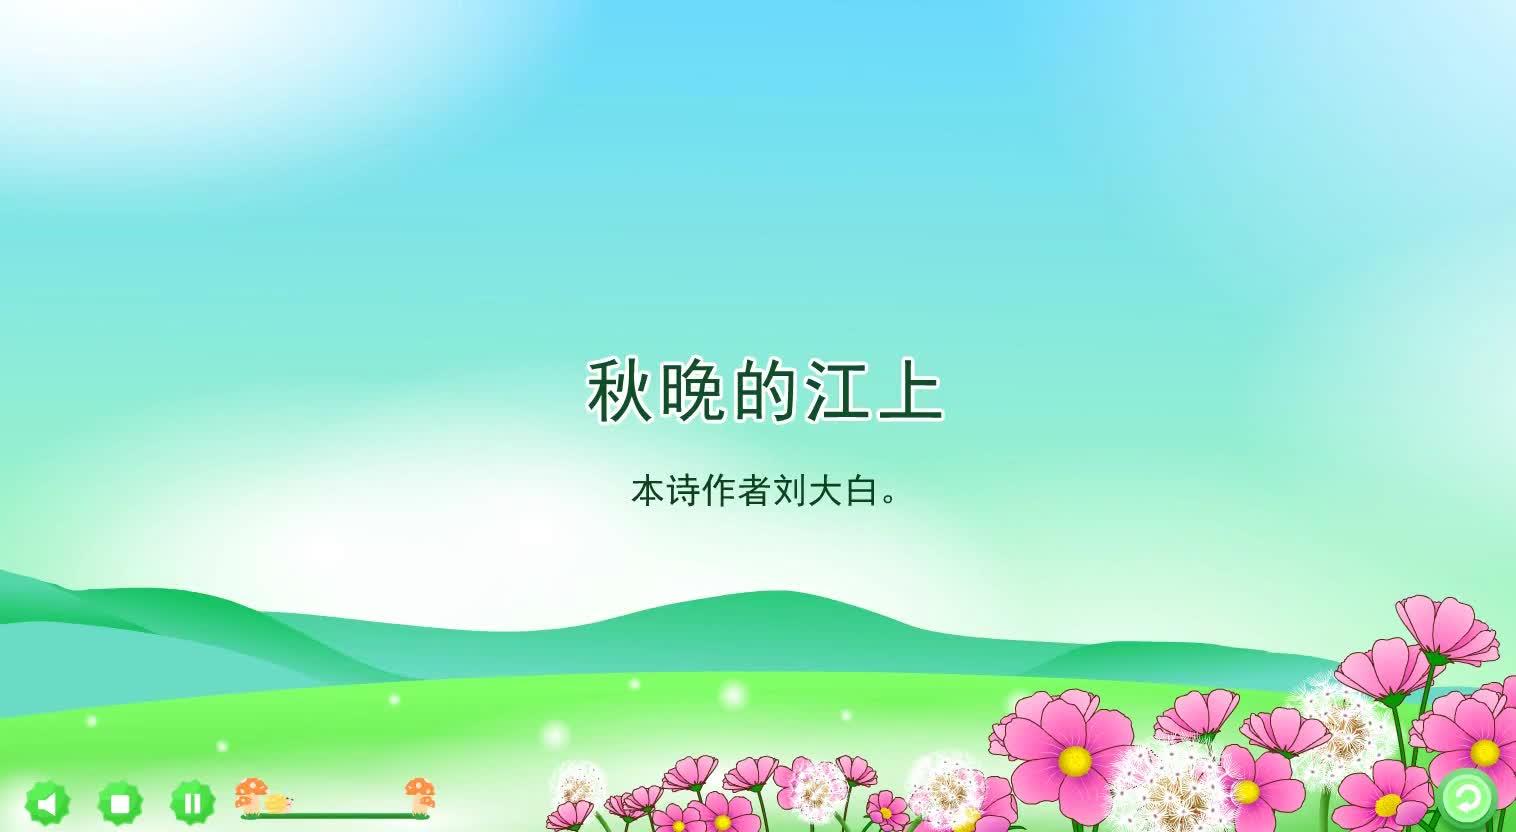 人教部编版语文四年级上册《3现代诗两首秋晚的江上》情景动画朗读.mp4